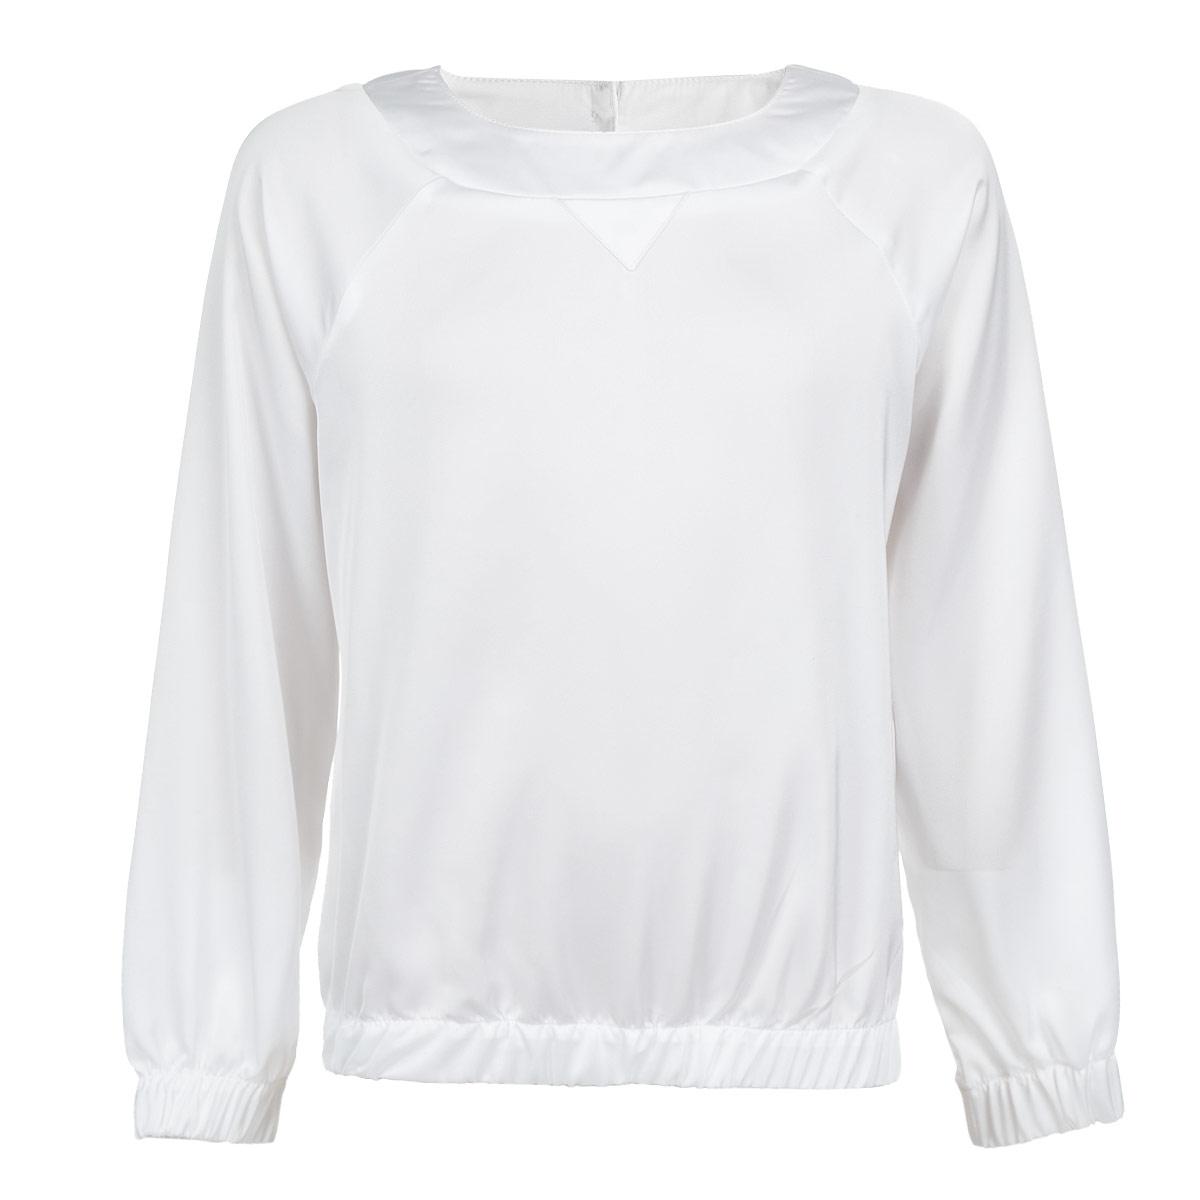 Блузка для девочки. 6306563065_OLG_вар.1Очаровательная блузка для девочки Orby в стиле Casual идеально подойдет для вашей модницы. Изготовленная из высококачественного материала, она мягкая, легкая и приятная на ощупь, не сковывает движения и позволяет коже дышать, не раздражает даже самую нежную и чувствительную кожу ребенка, обеспечивая наибольший комфорт. Блузка свободного силуэта с круглым вырезом горловины и длинными рукавами-реглан по спинке застегивается на две оригинальные пуговицы. Рукава дополнены широкими эластичными манжетами. Понизу проходит широкая эластичная резинка, что придает изделию оригинальность. Такая блузка - незаменимая вещь для школьной формы, отлично сочетается с юбками, брюками и сарафанами.